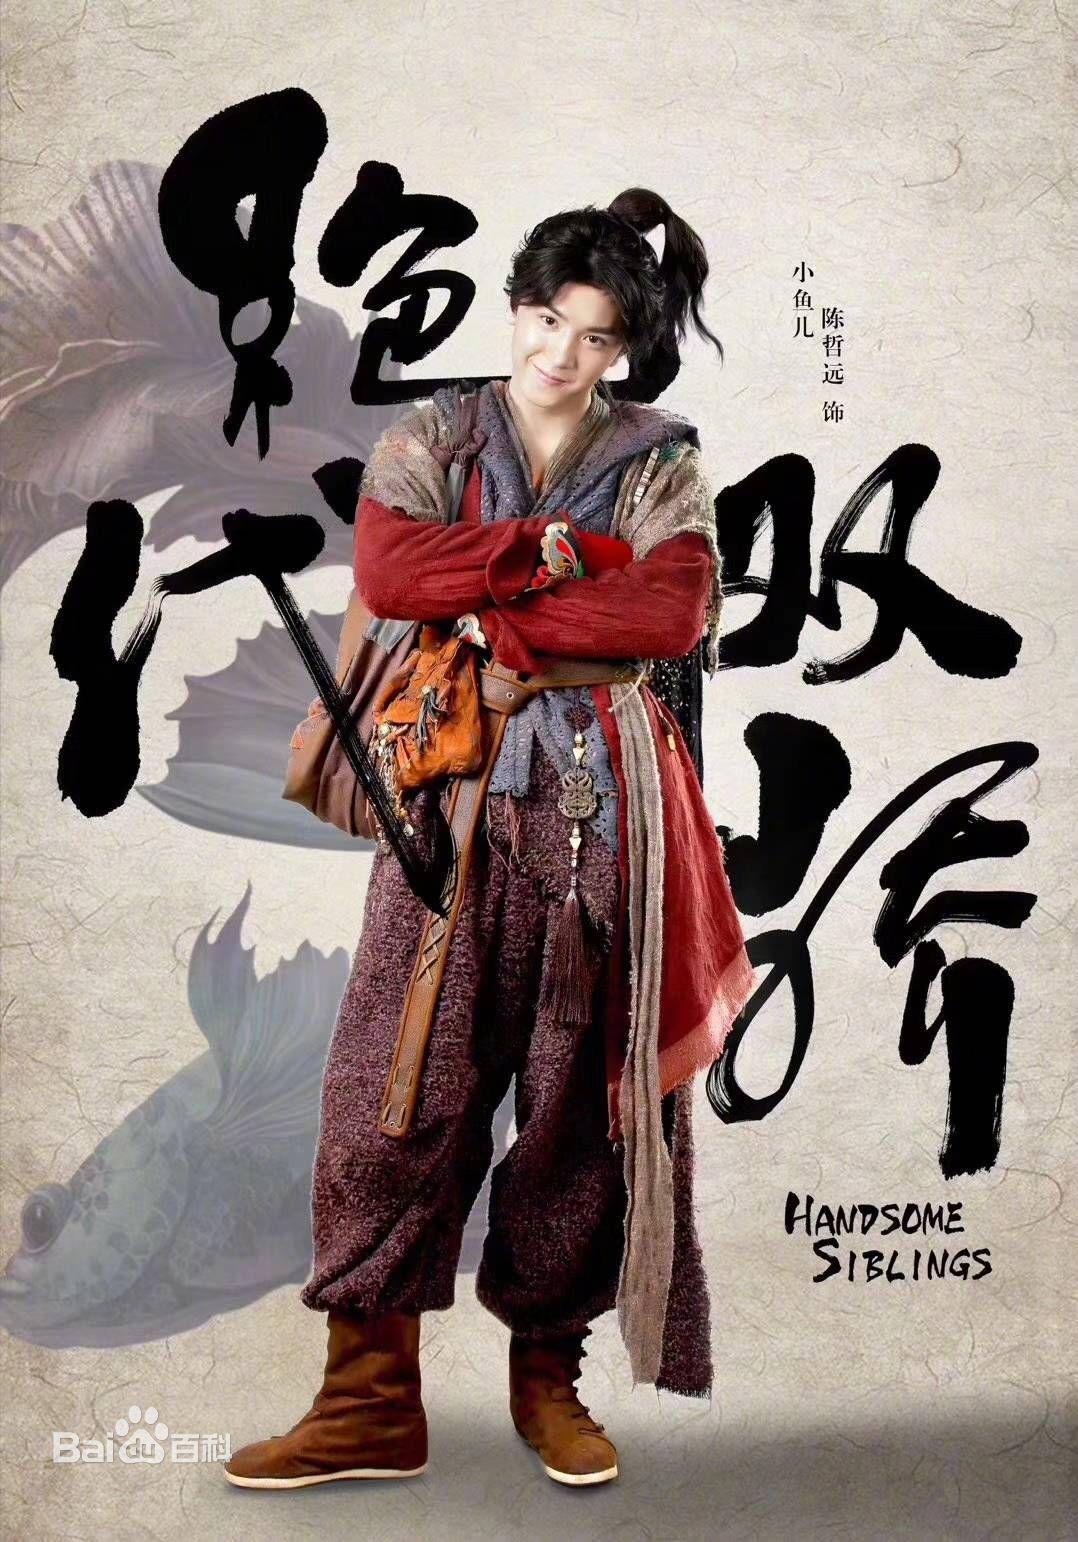 Handsome Siblings: Xiao Yu'er